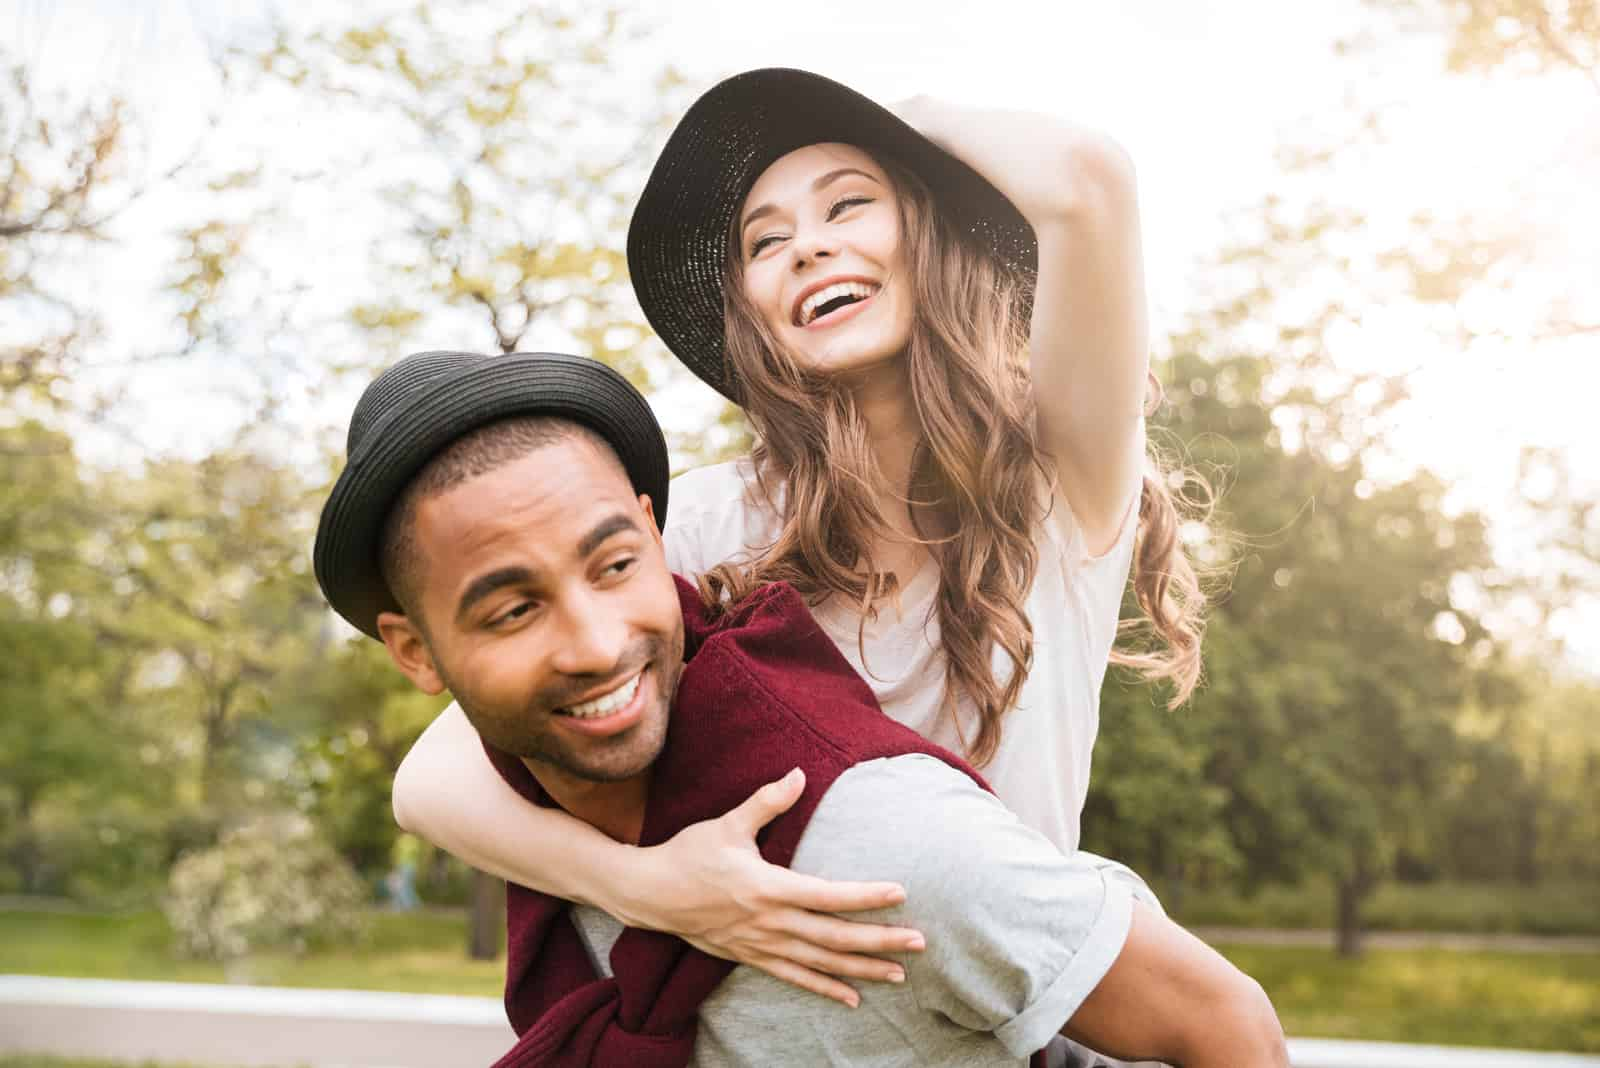 jeune homme porte une femme sur son dos en plein air